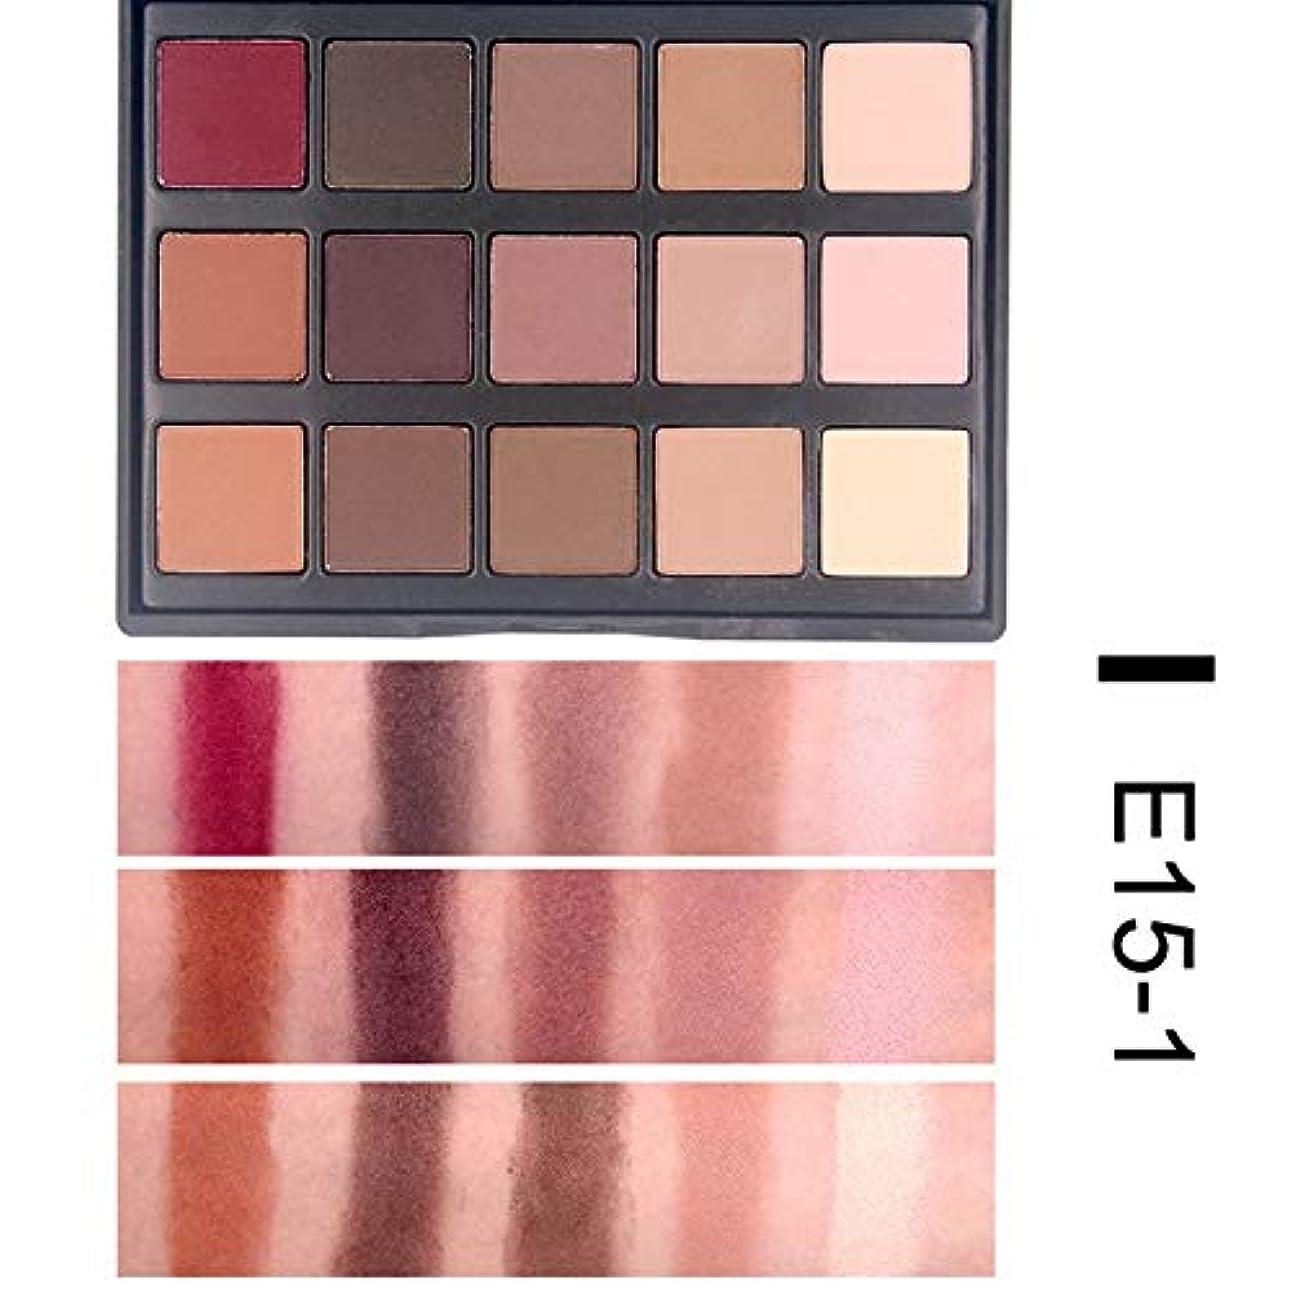 資料迅速静けさRabugoo 15色ミニアイシャドウパウダーマットアイシャドウ化粧品メイクアップ EP15#1